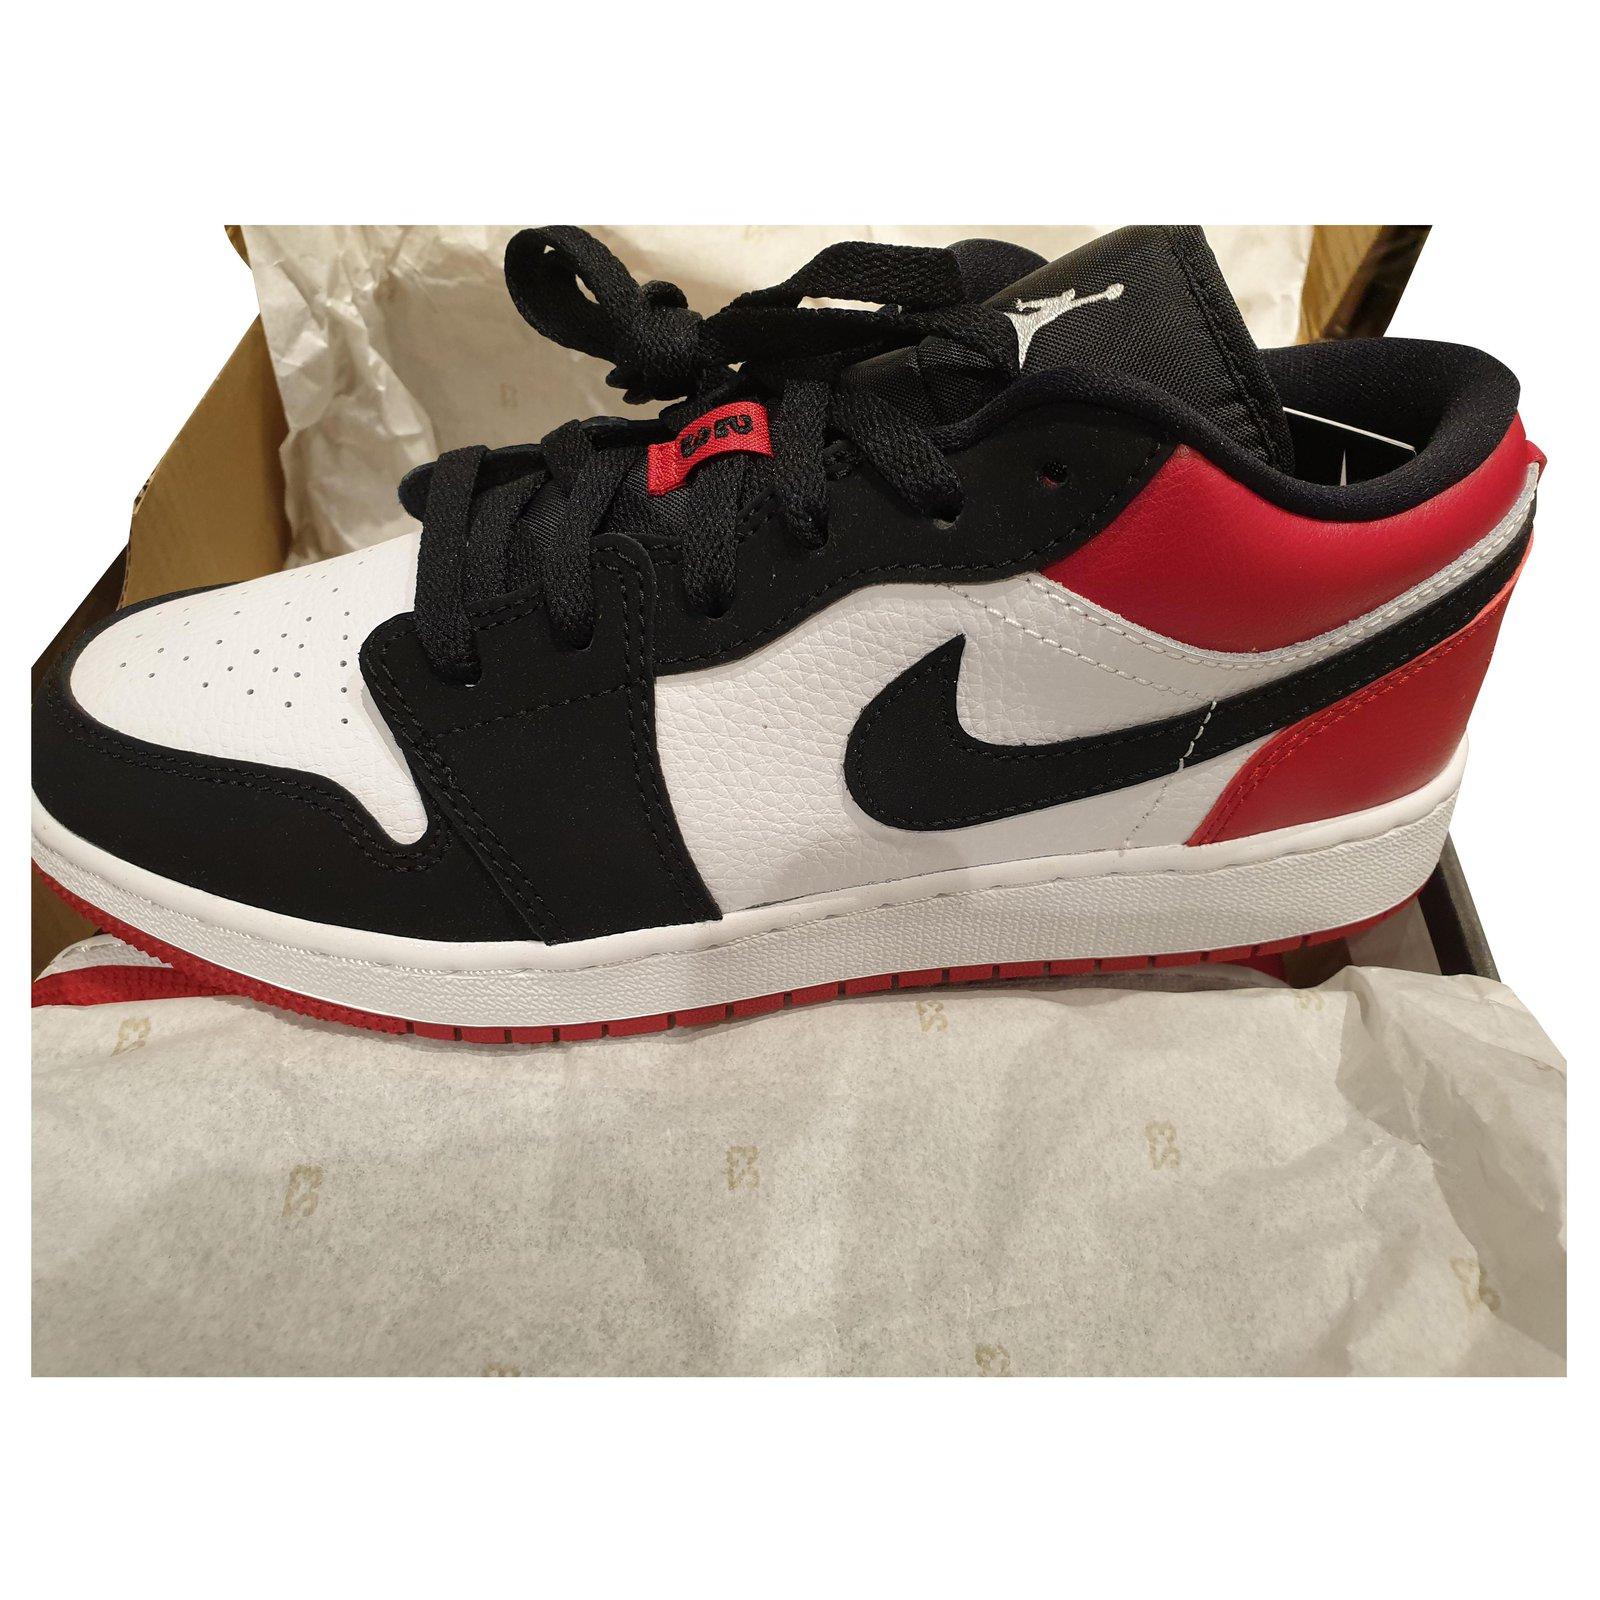 Air Jordan 1 bas bout noir taille gs enfants 6.5Y